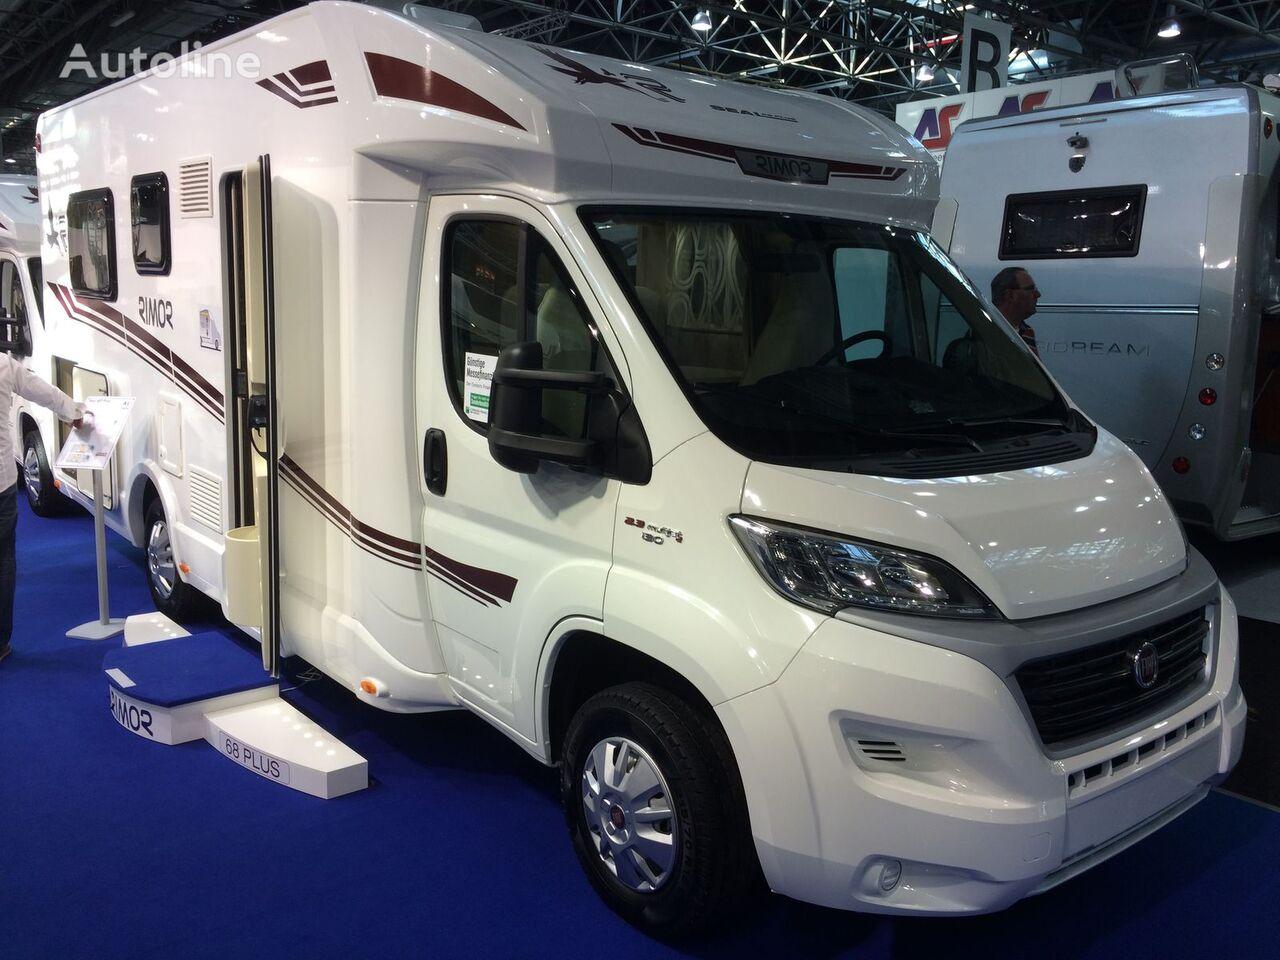 nova FIAT RIMOR SEAL 69 PLUS,model 2020, kuća na kotačima